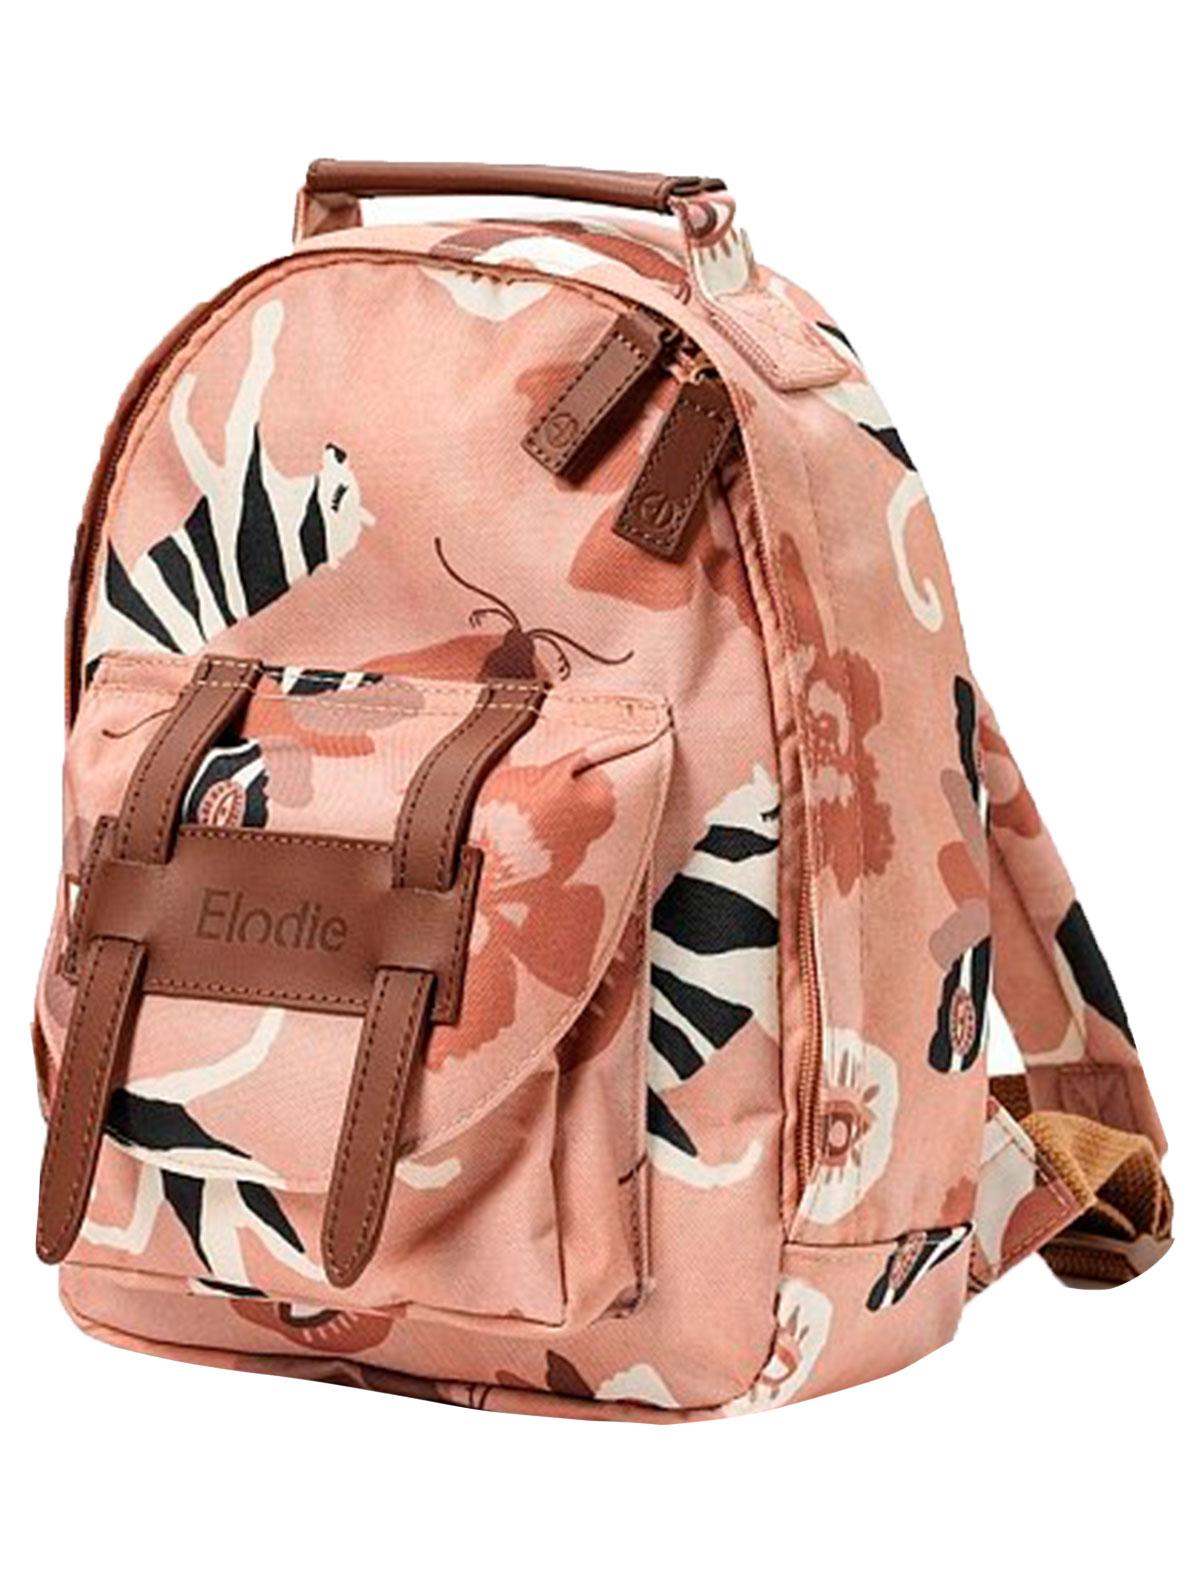 Купить 2256001, Рюкзак Elodie, розовый, Женский, 1504508080070